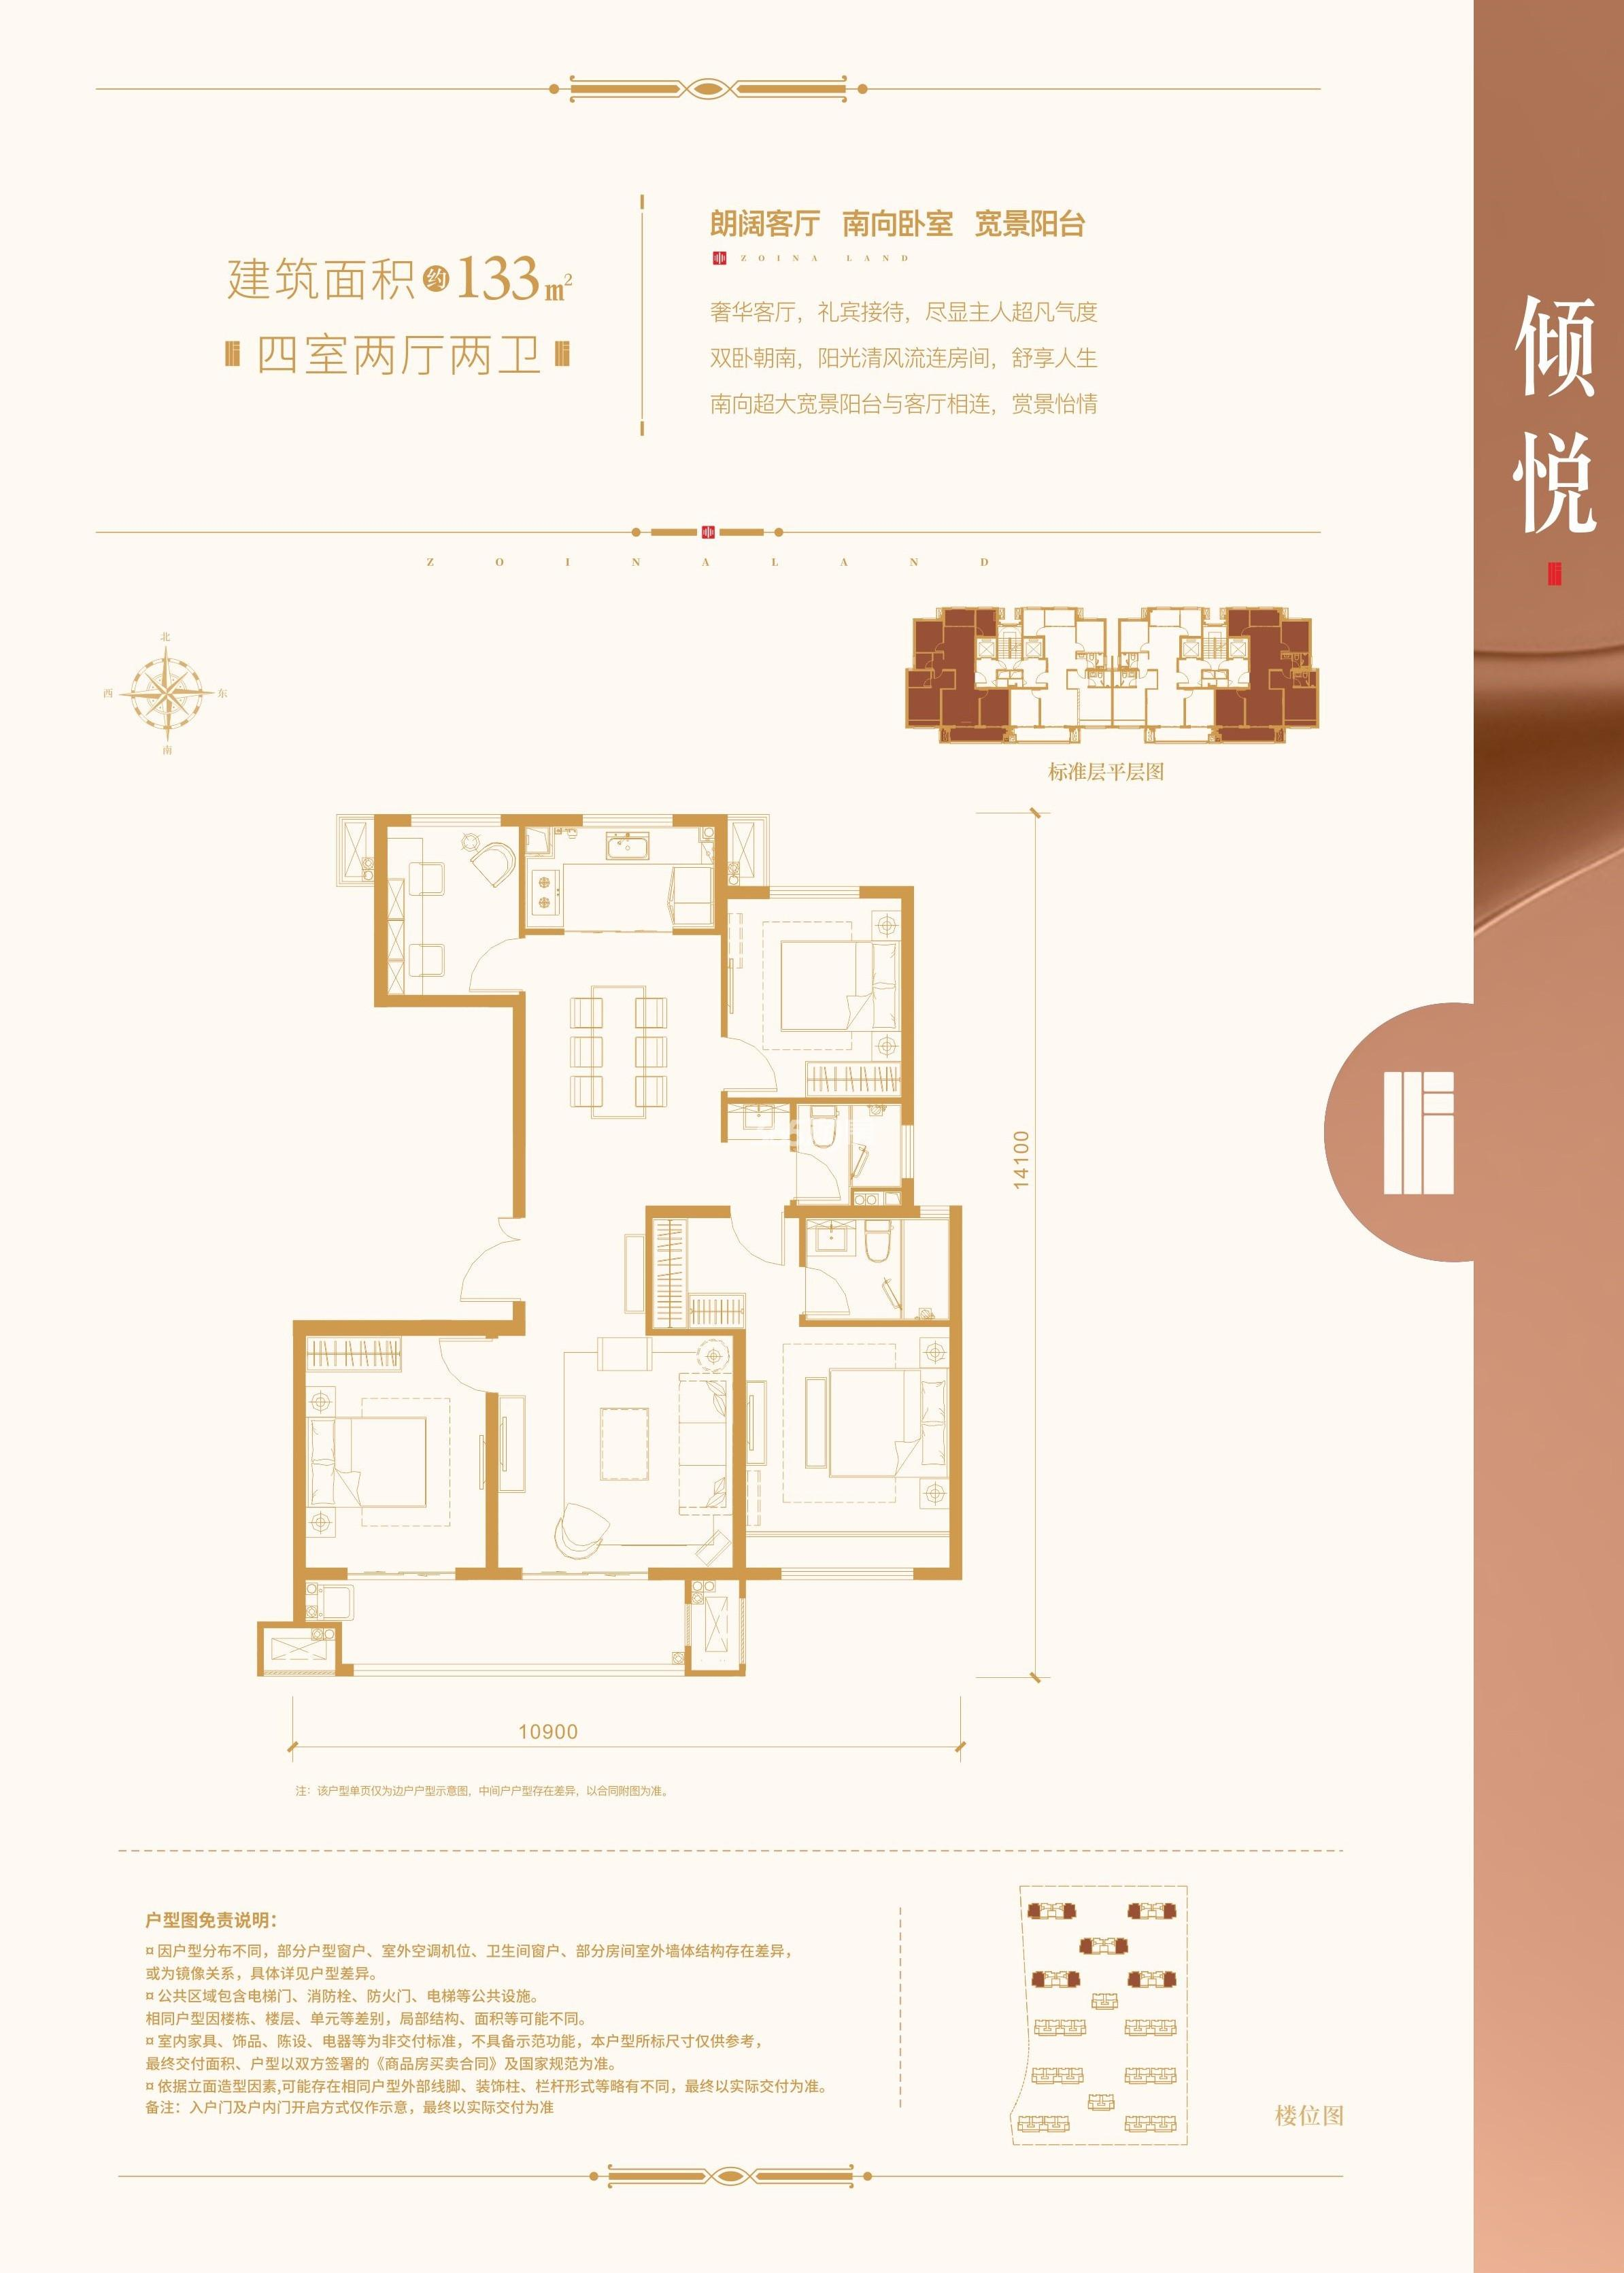 中南上悦城四室两厅133㎡户型图